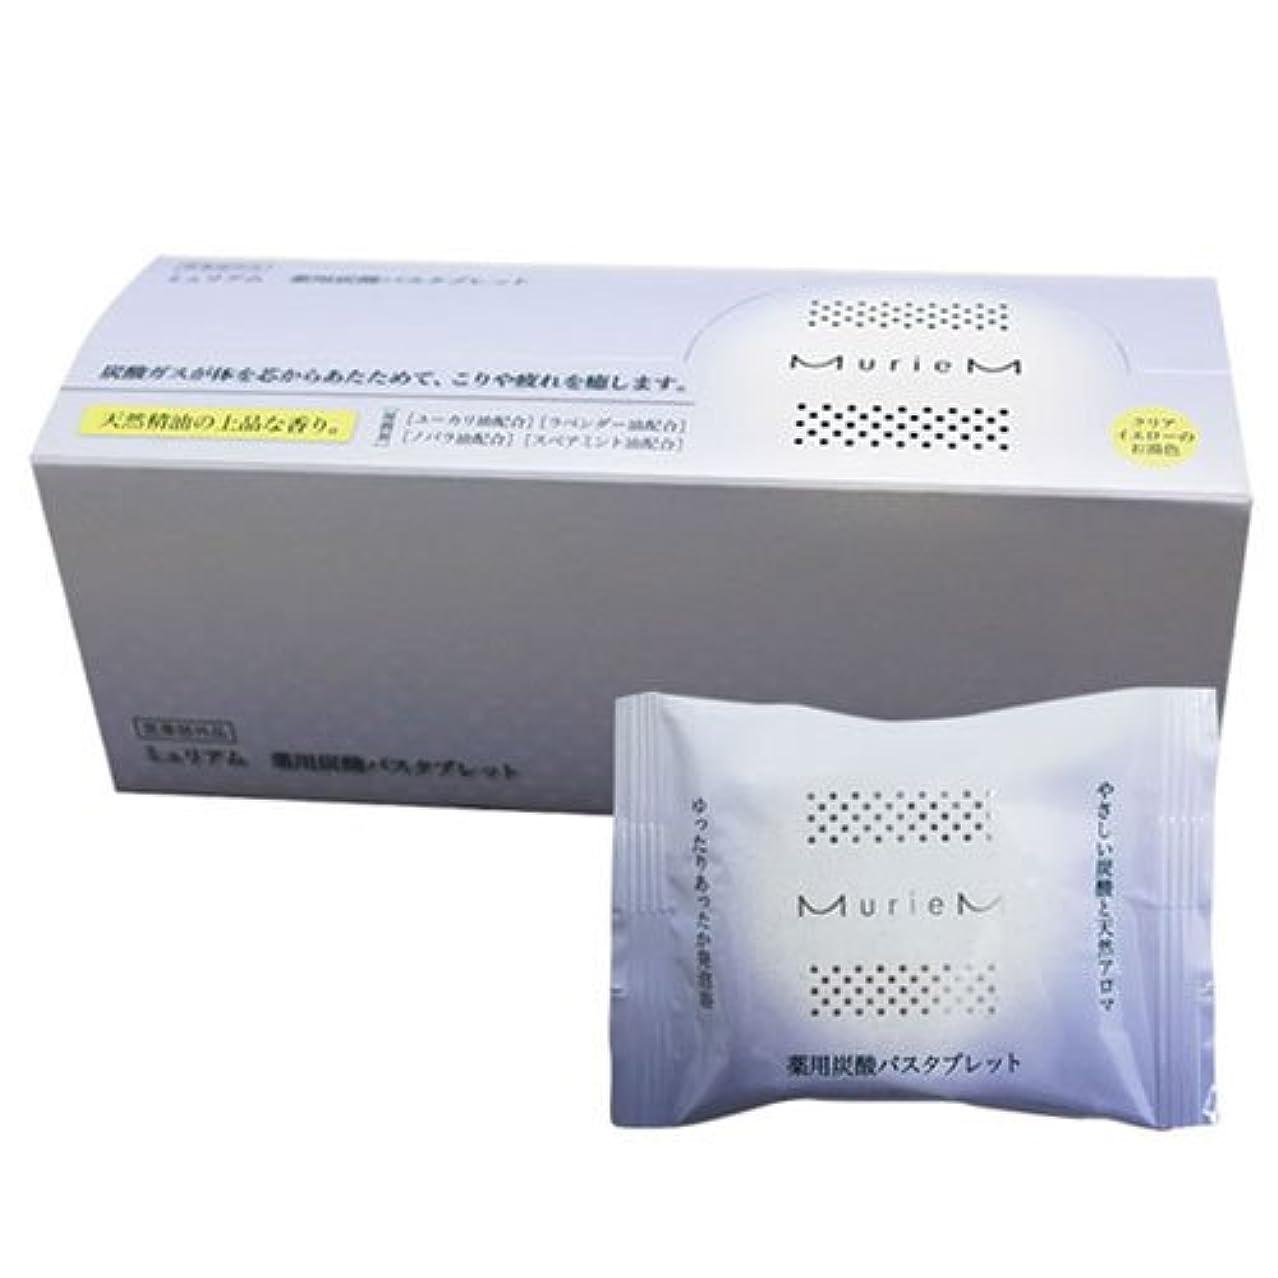 エミュレーション子供時代流産ナンバースリー ミュリアム 薬用炭酸バスタブレット 30g×10包 [医薬部外品]